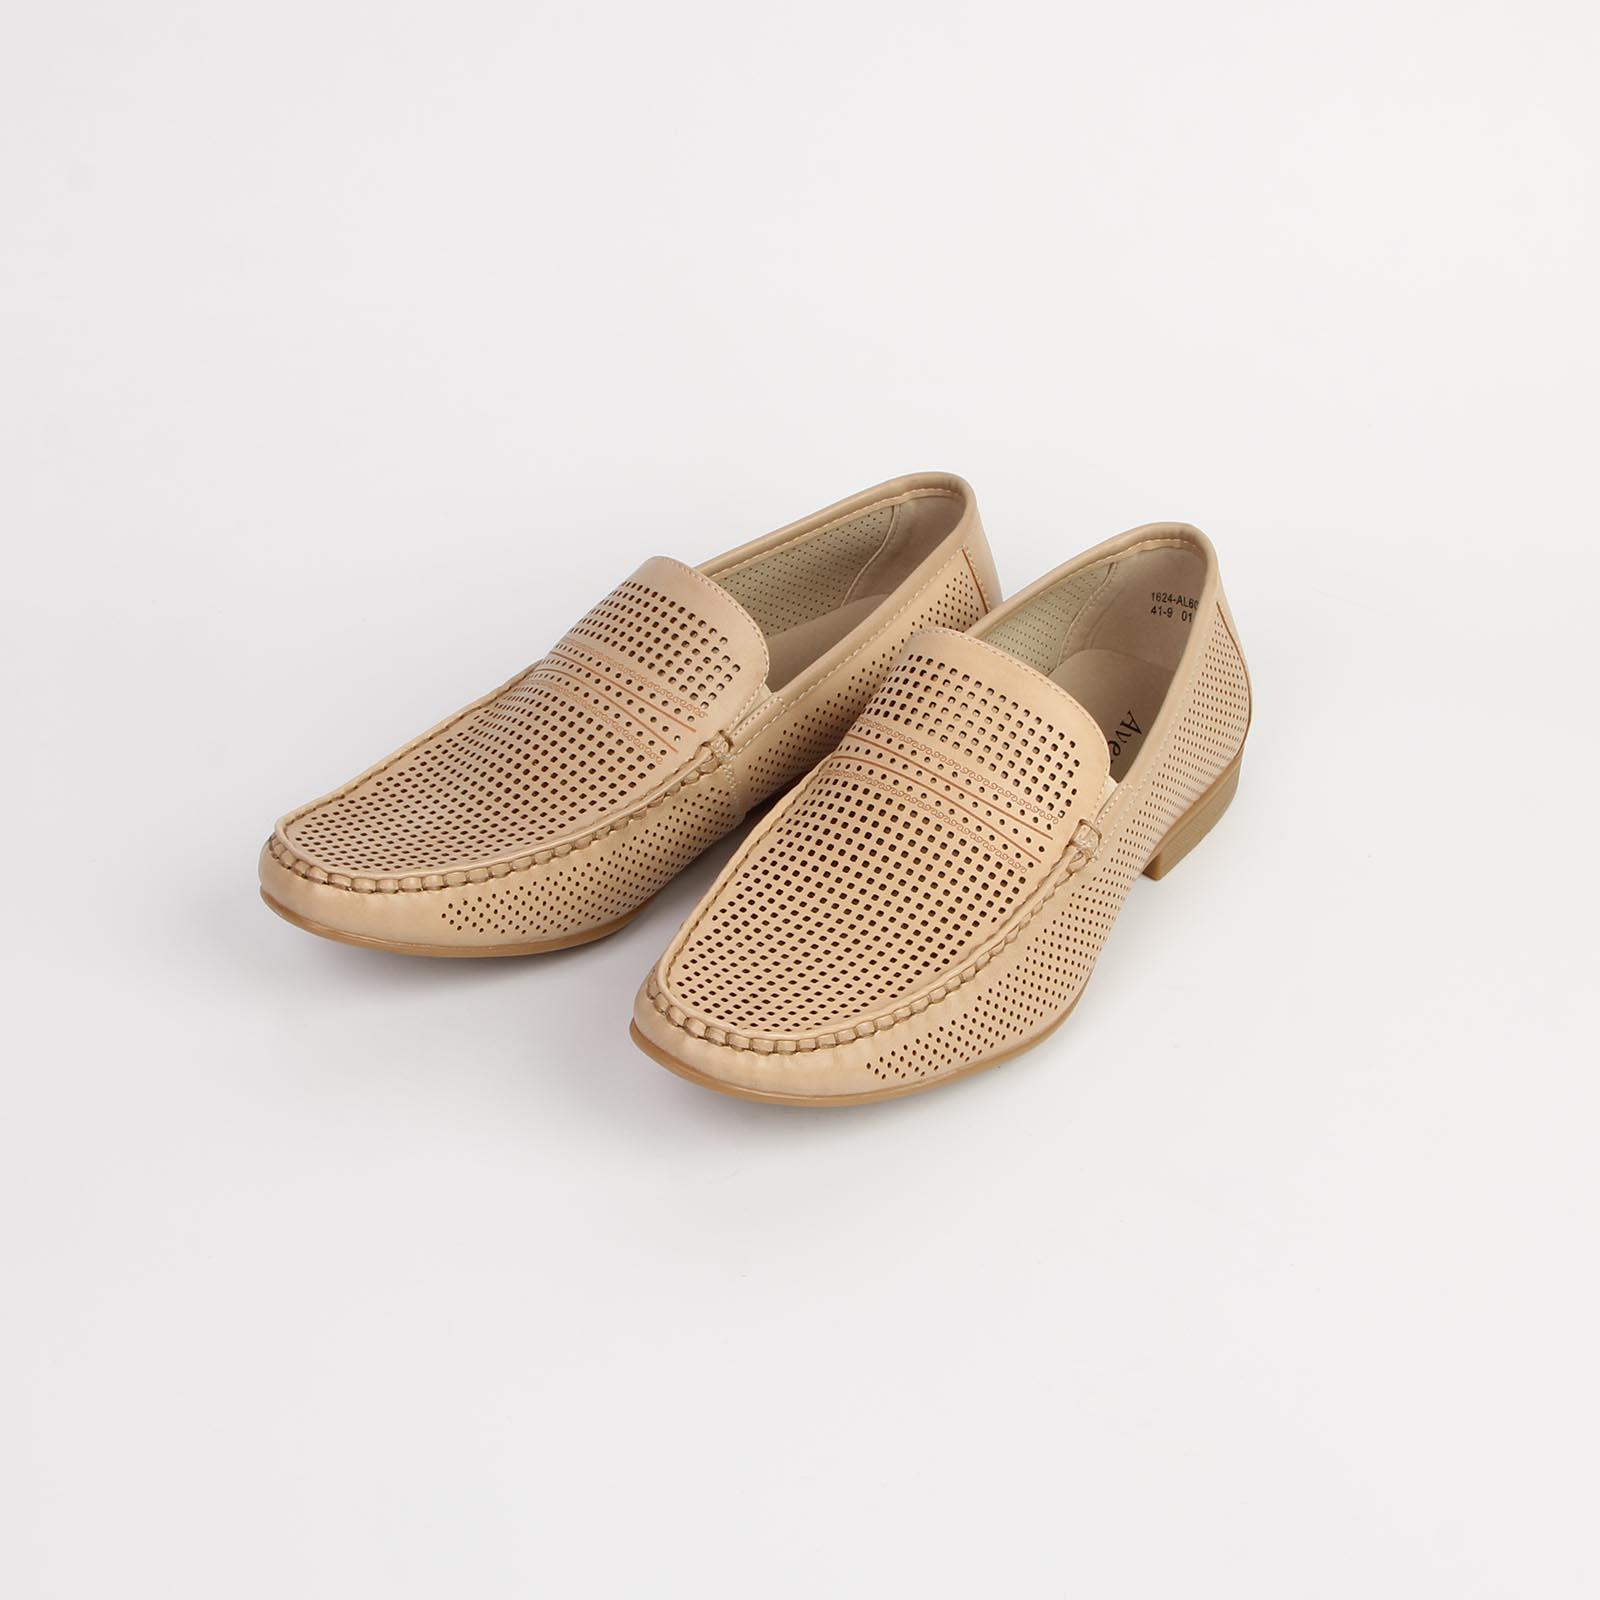 Туфли мужские перфорированные с эластичной вставкой